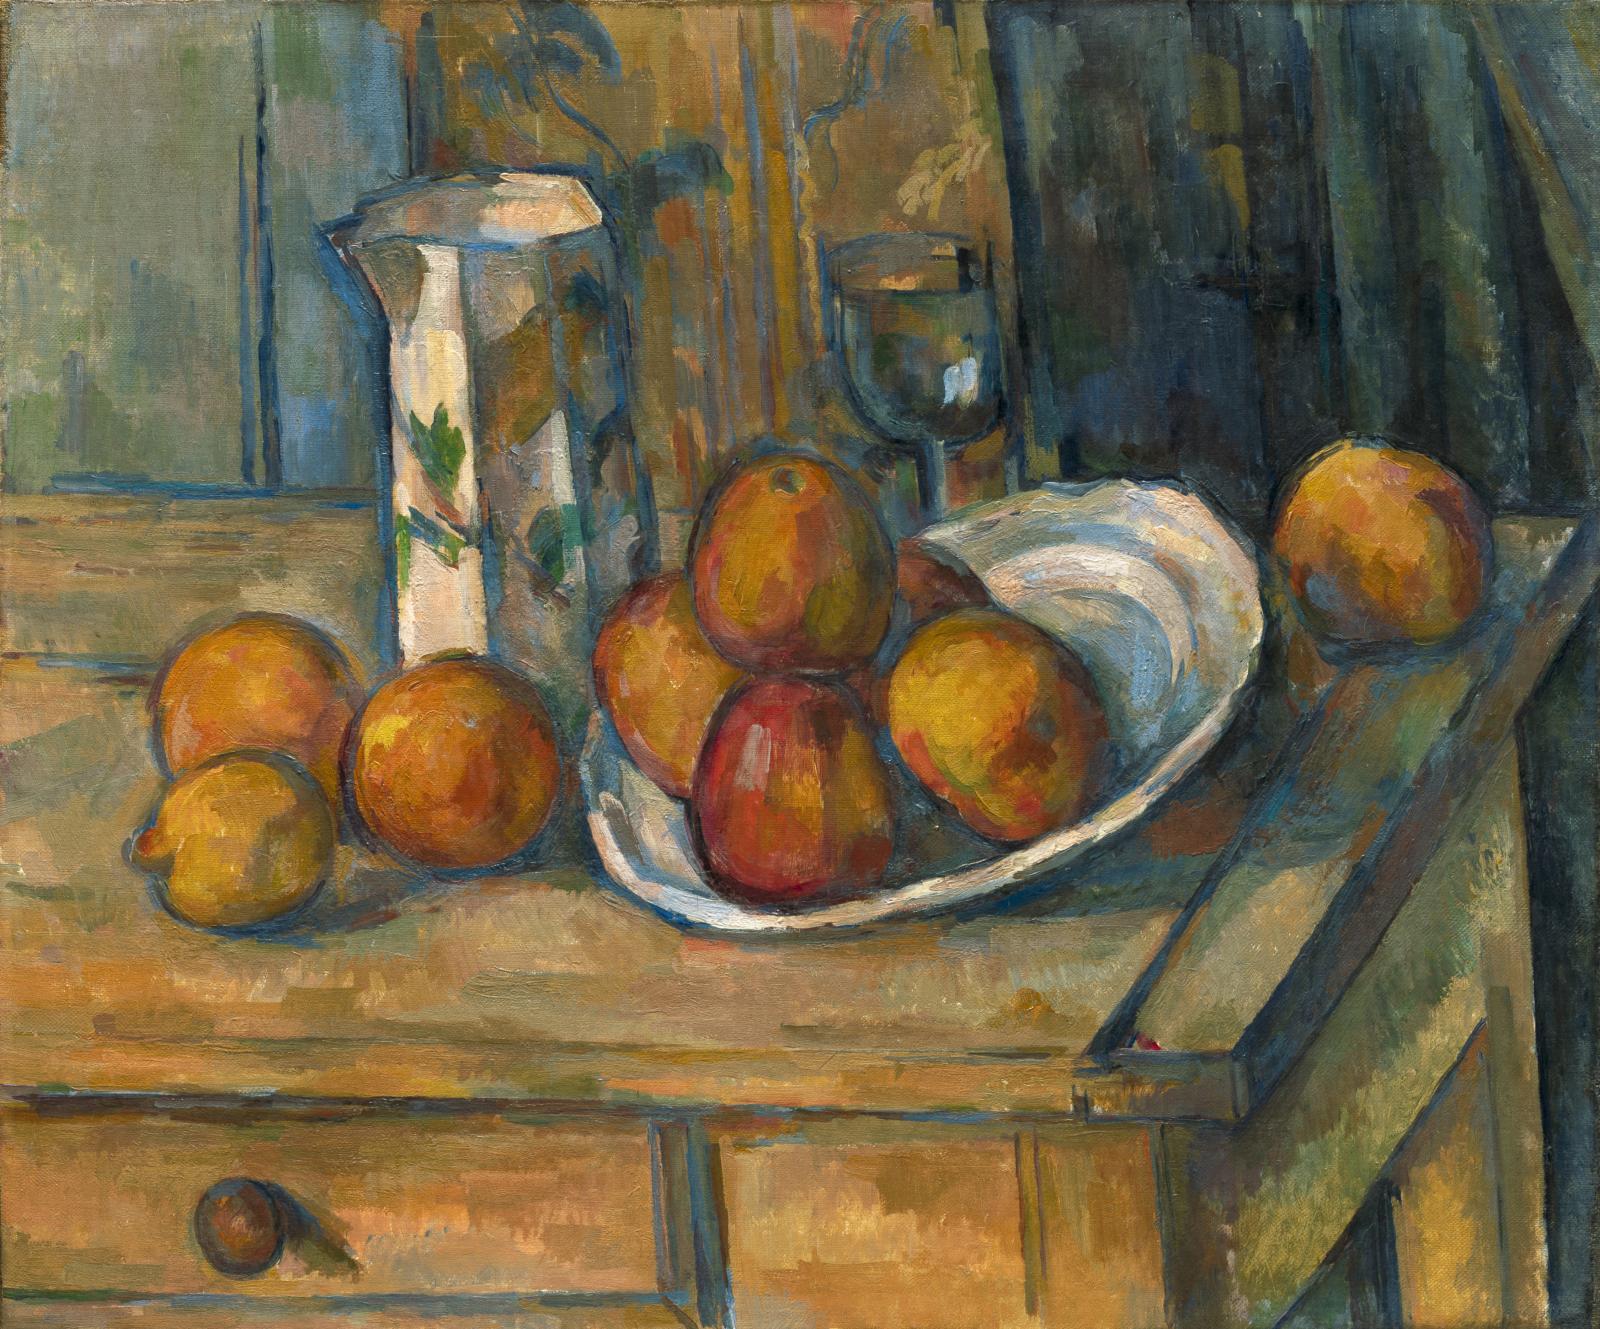 PAGE DE GAUCHE Paul Cézanne, Nature morte, pot à lait et fruits, vers 1900, huile sur toile, 45,8x54,9cm, Washington, National Gallery of Art. © Co